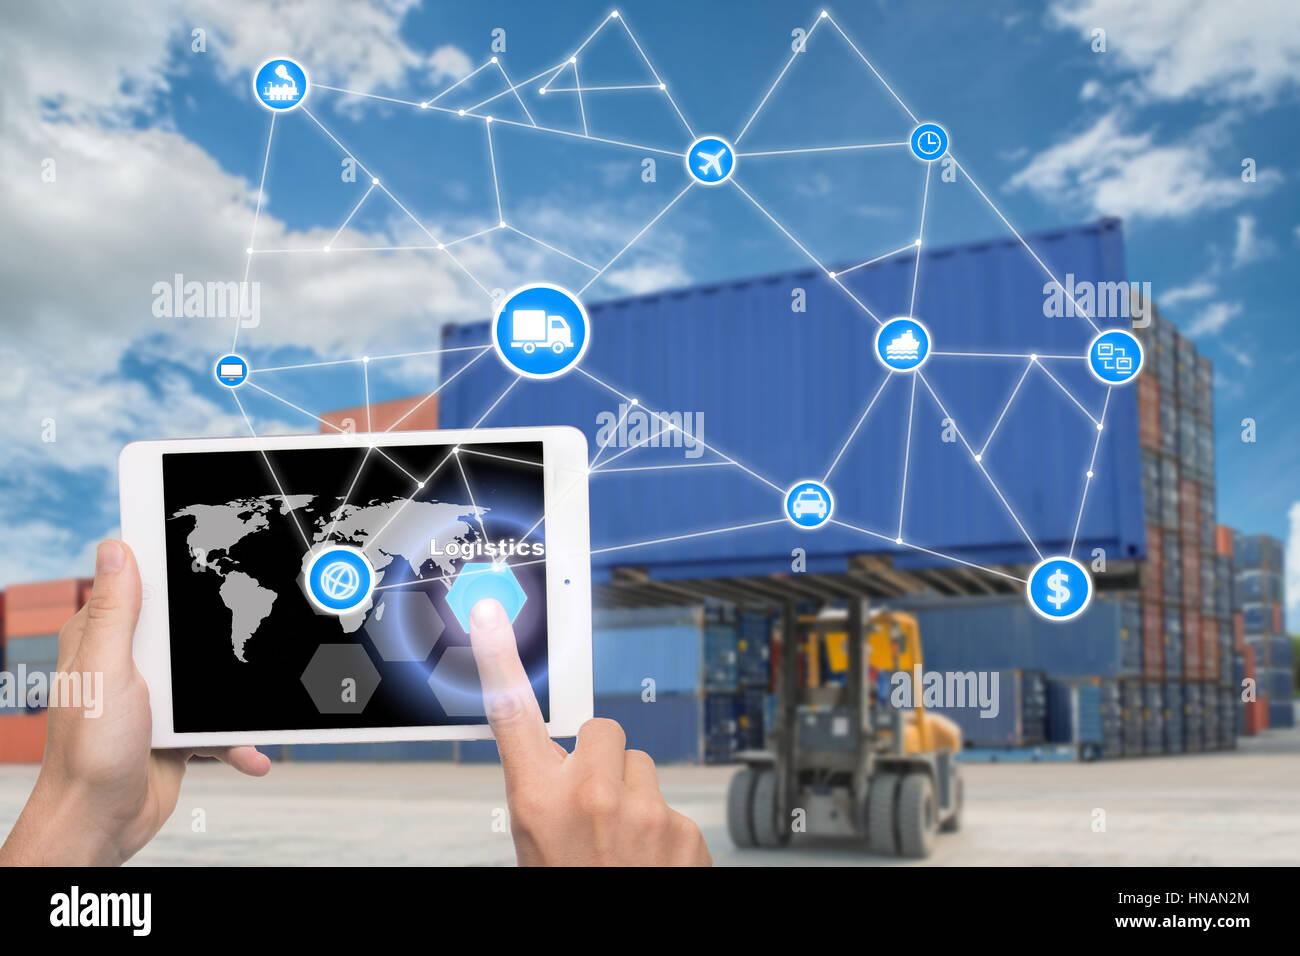 Hand holding tablet est l'appui sur le bouton de connexion de l'interface de la technologie logistique global Photo Stock